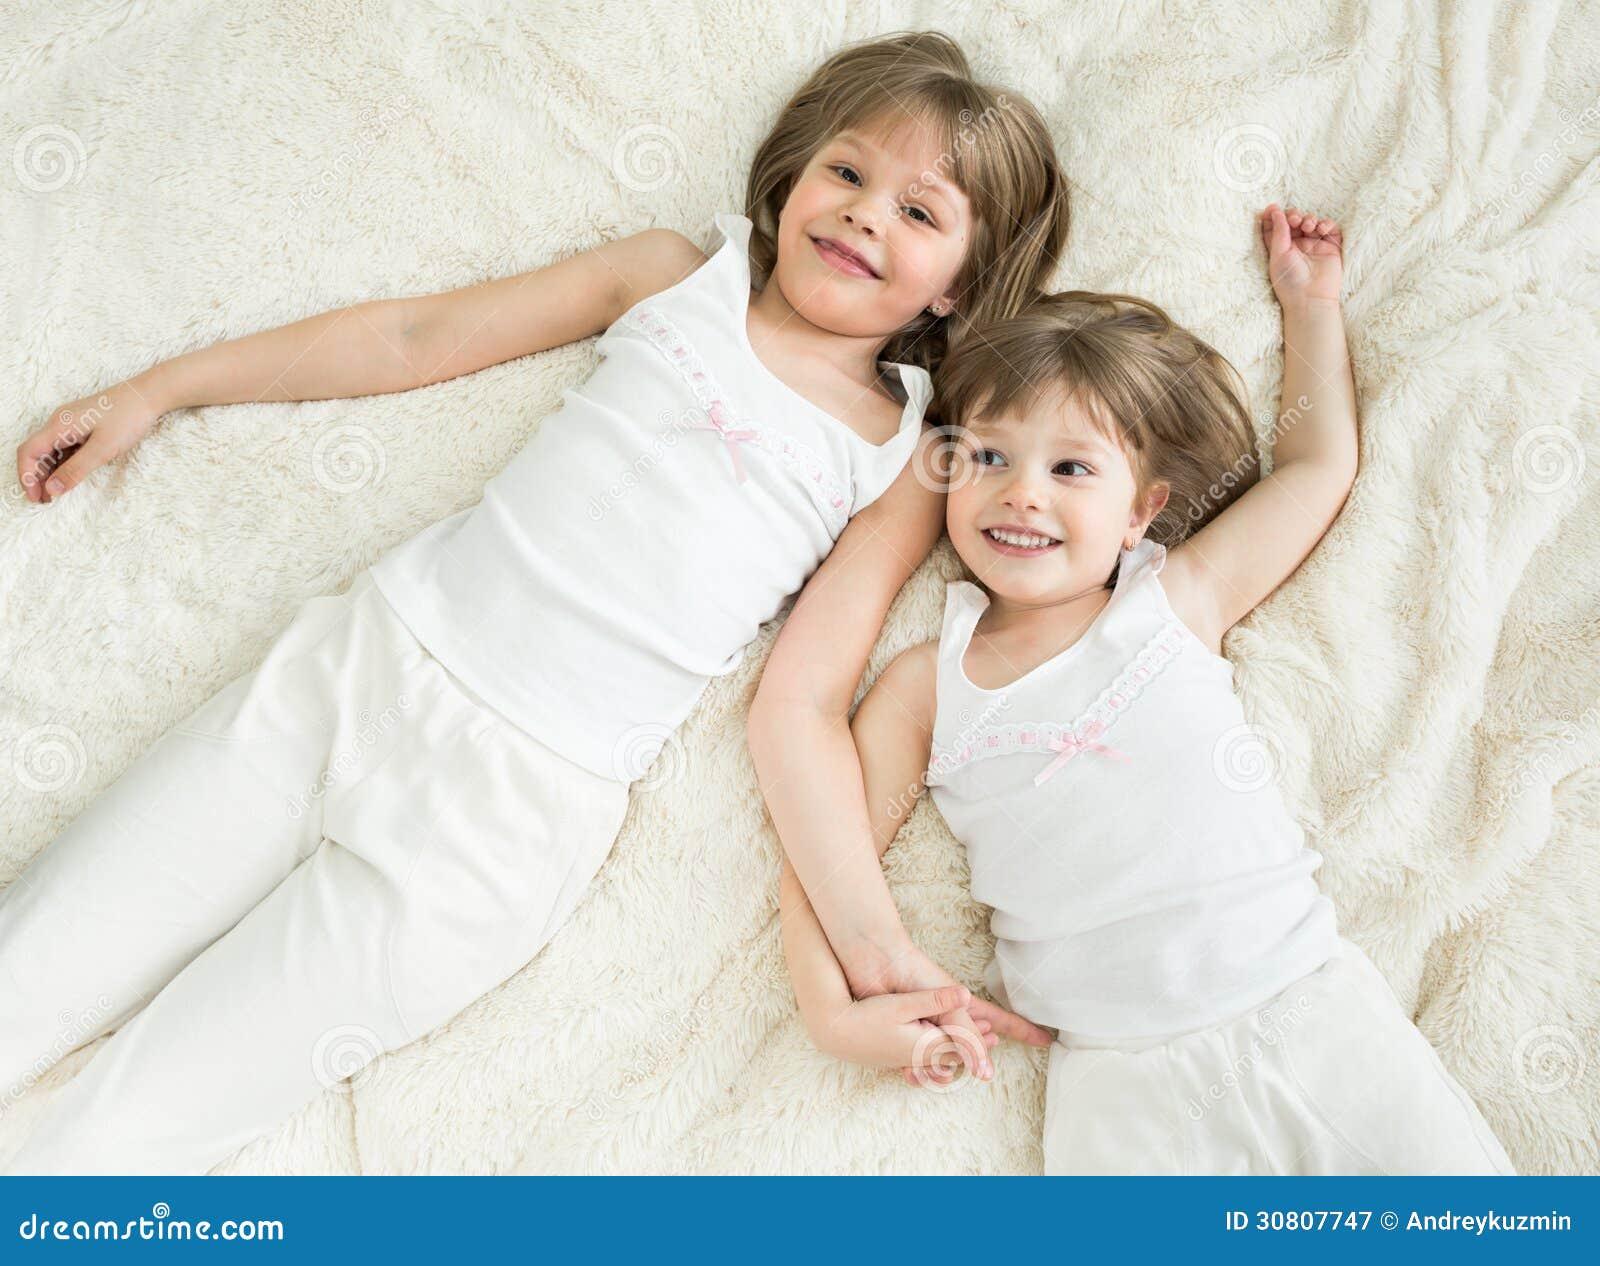 Сестры в кровати 1 фотография